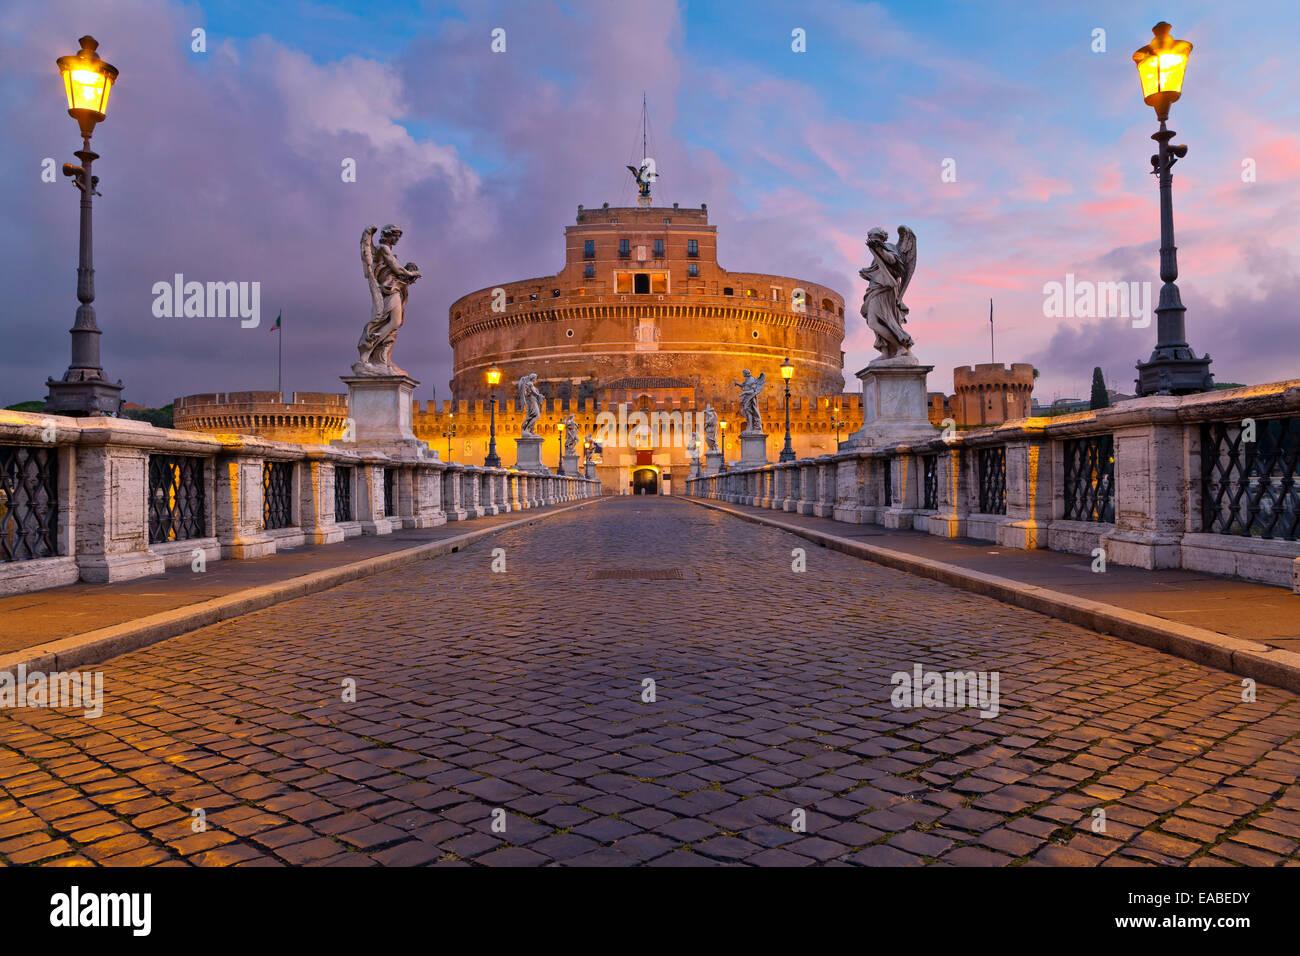 Imagen de el Castillo del Santo Ángel y Santo Ángel Puente sobre el río Tíber en Roma al amanecer. Imagen De Stock